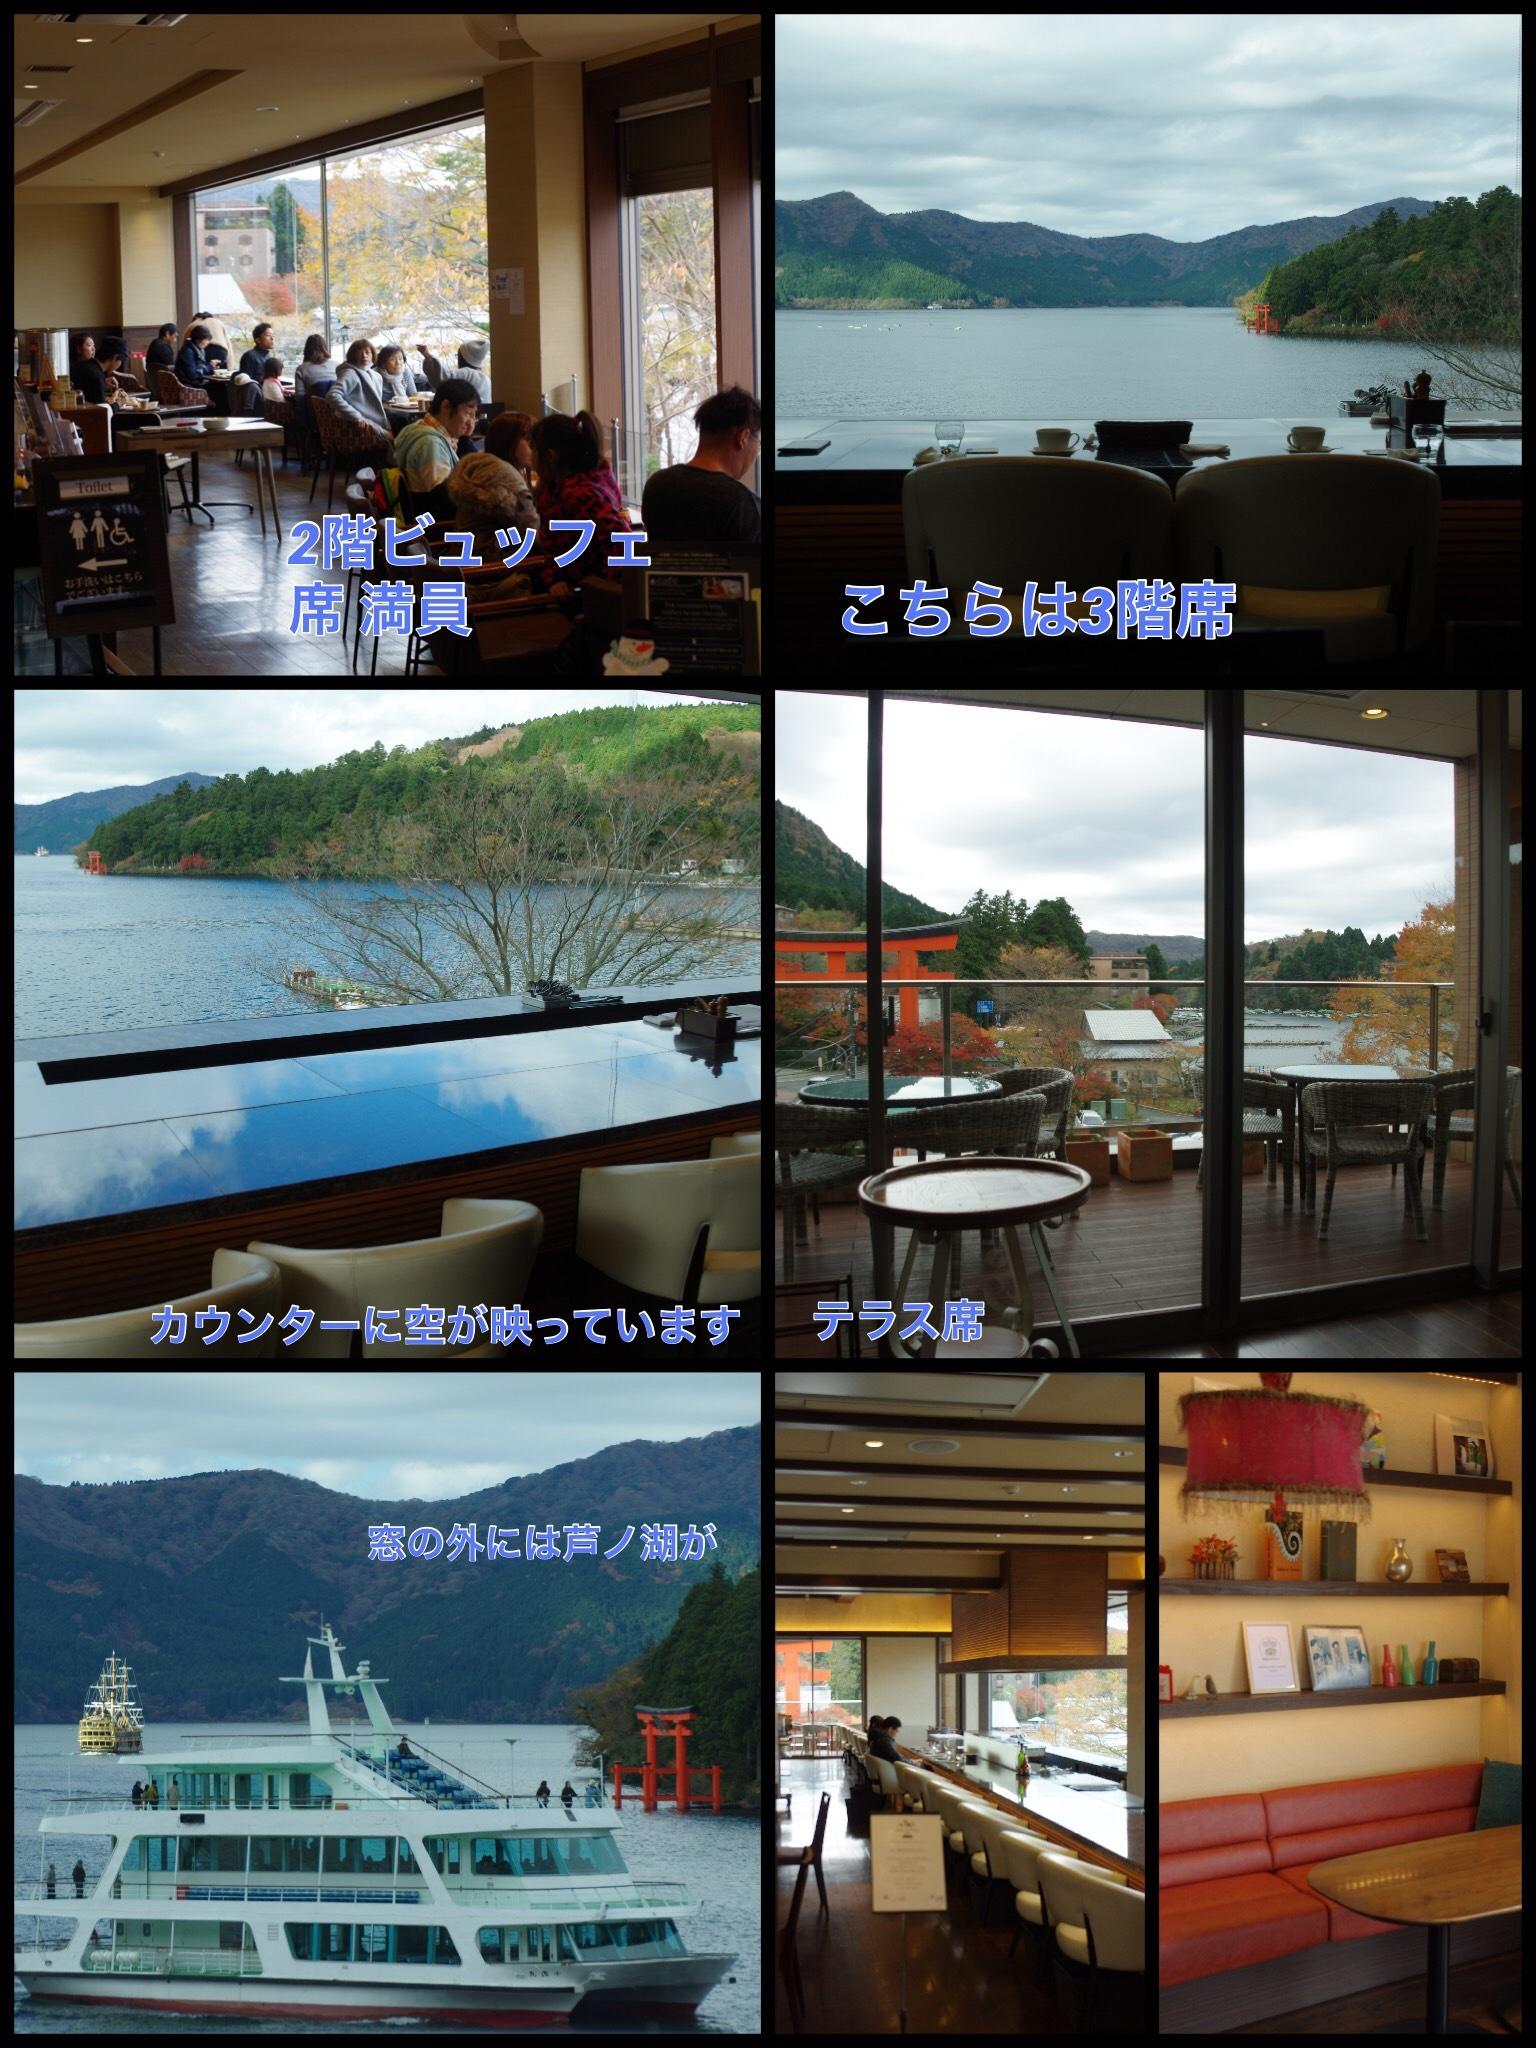 元箱根 朝食 ベーカリーアンドテーブル ベーカリー&テーブル 3F